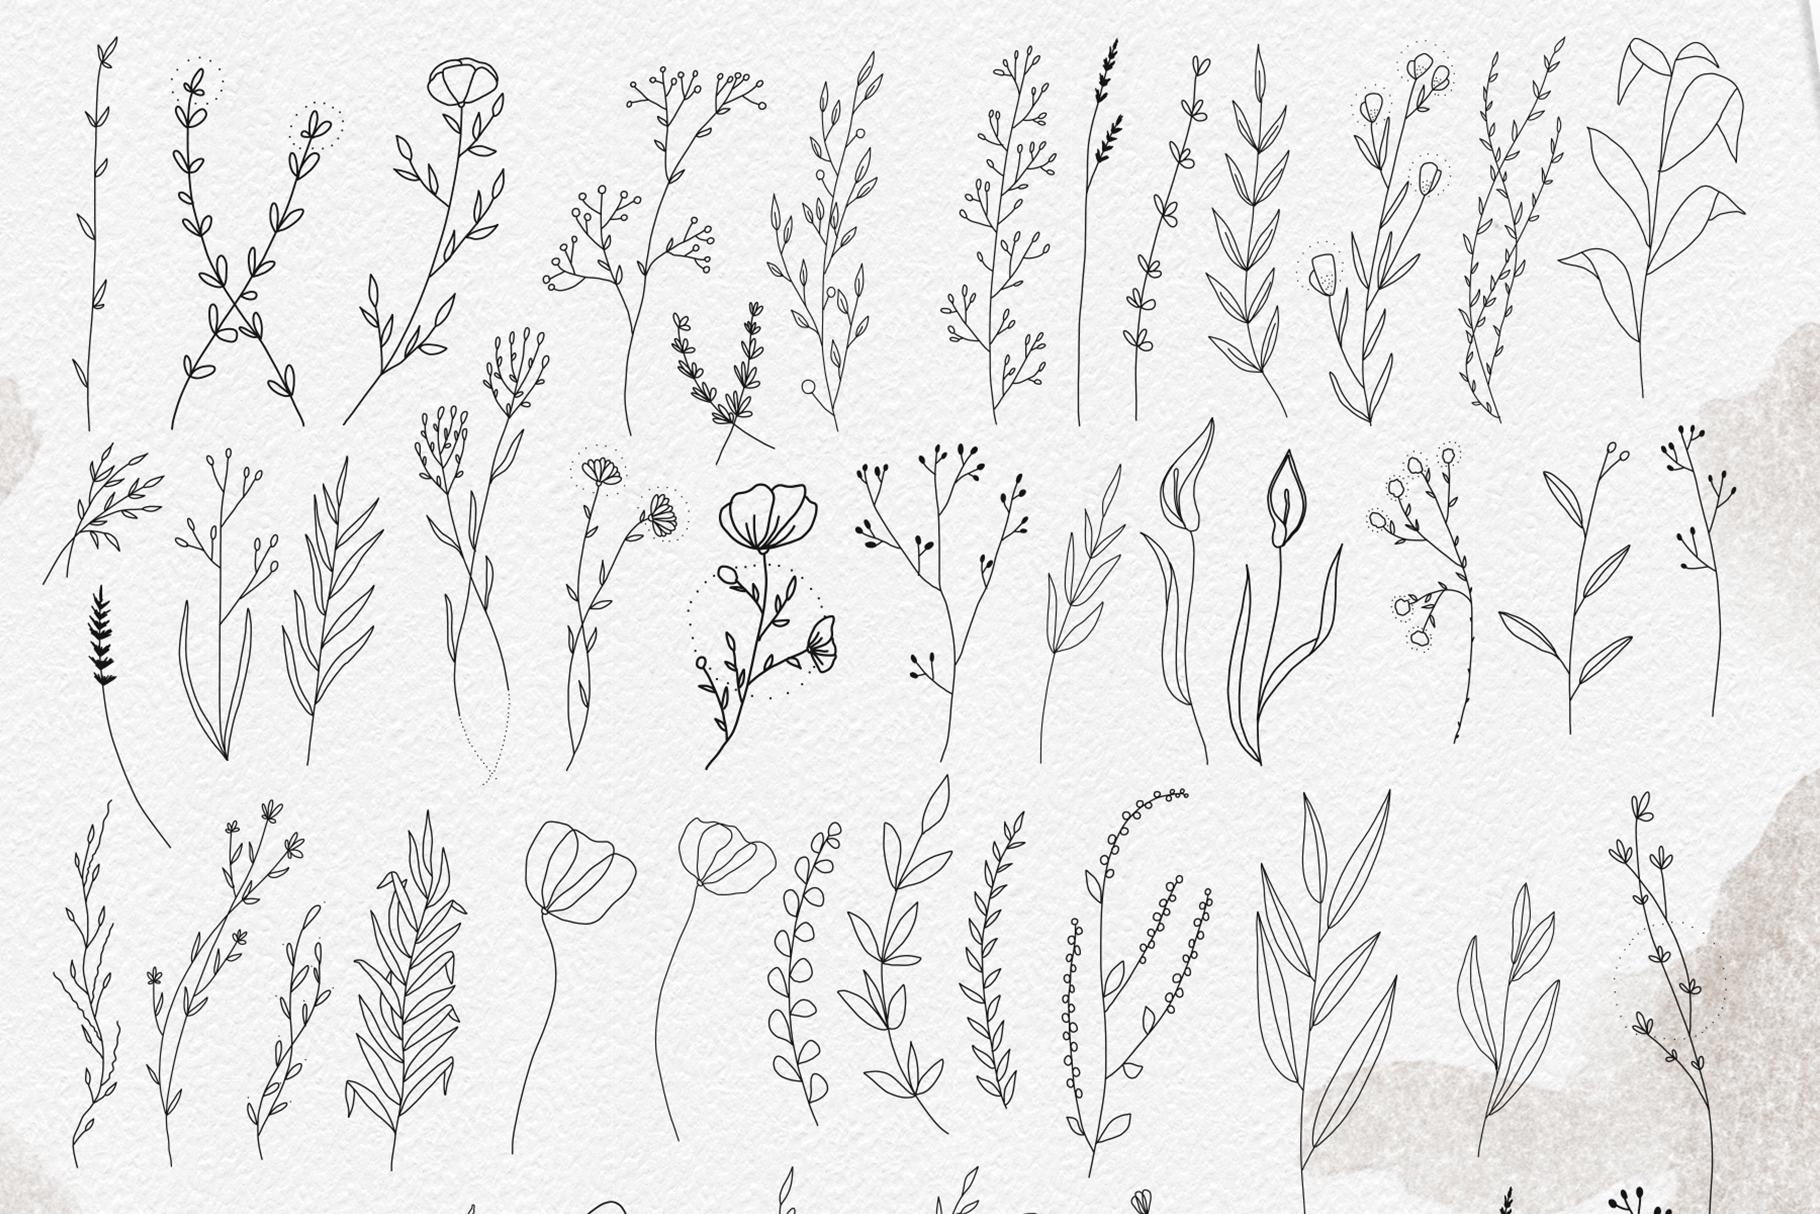 Line art botanical illustrations example image 6